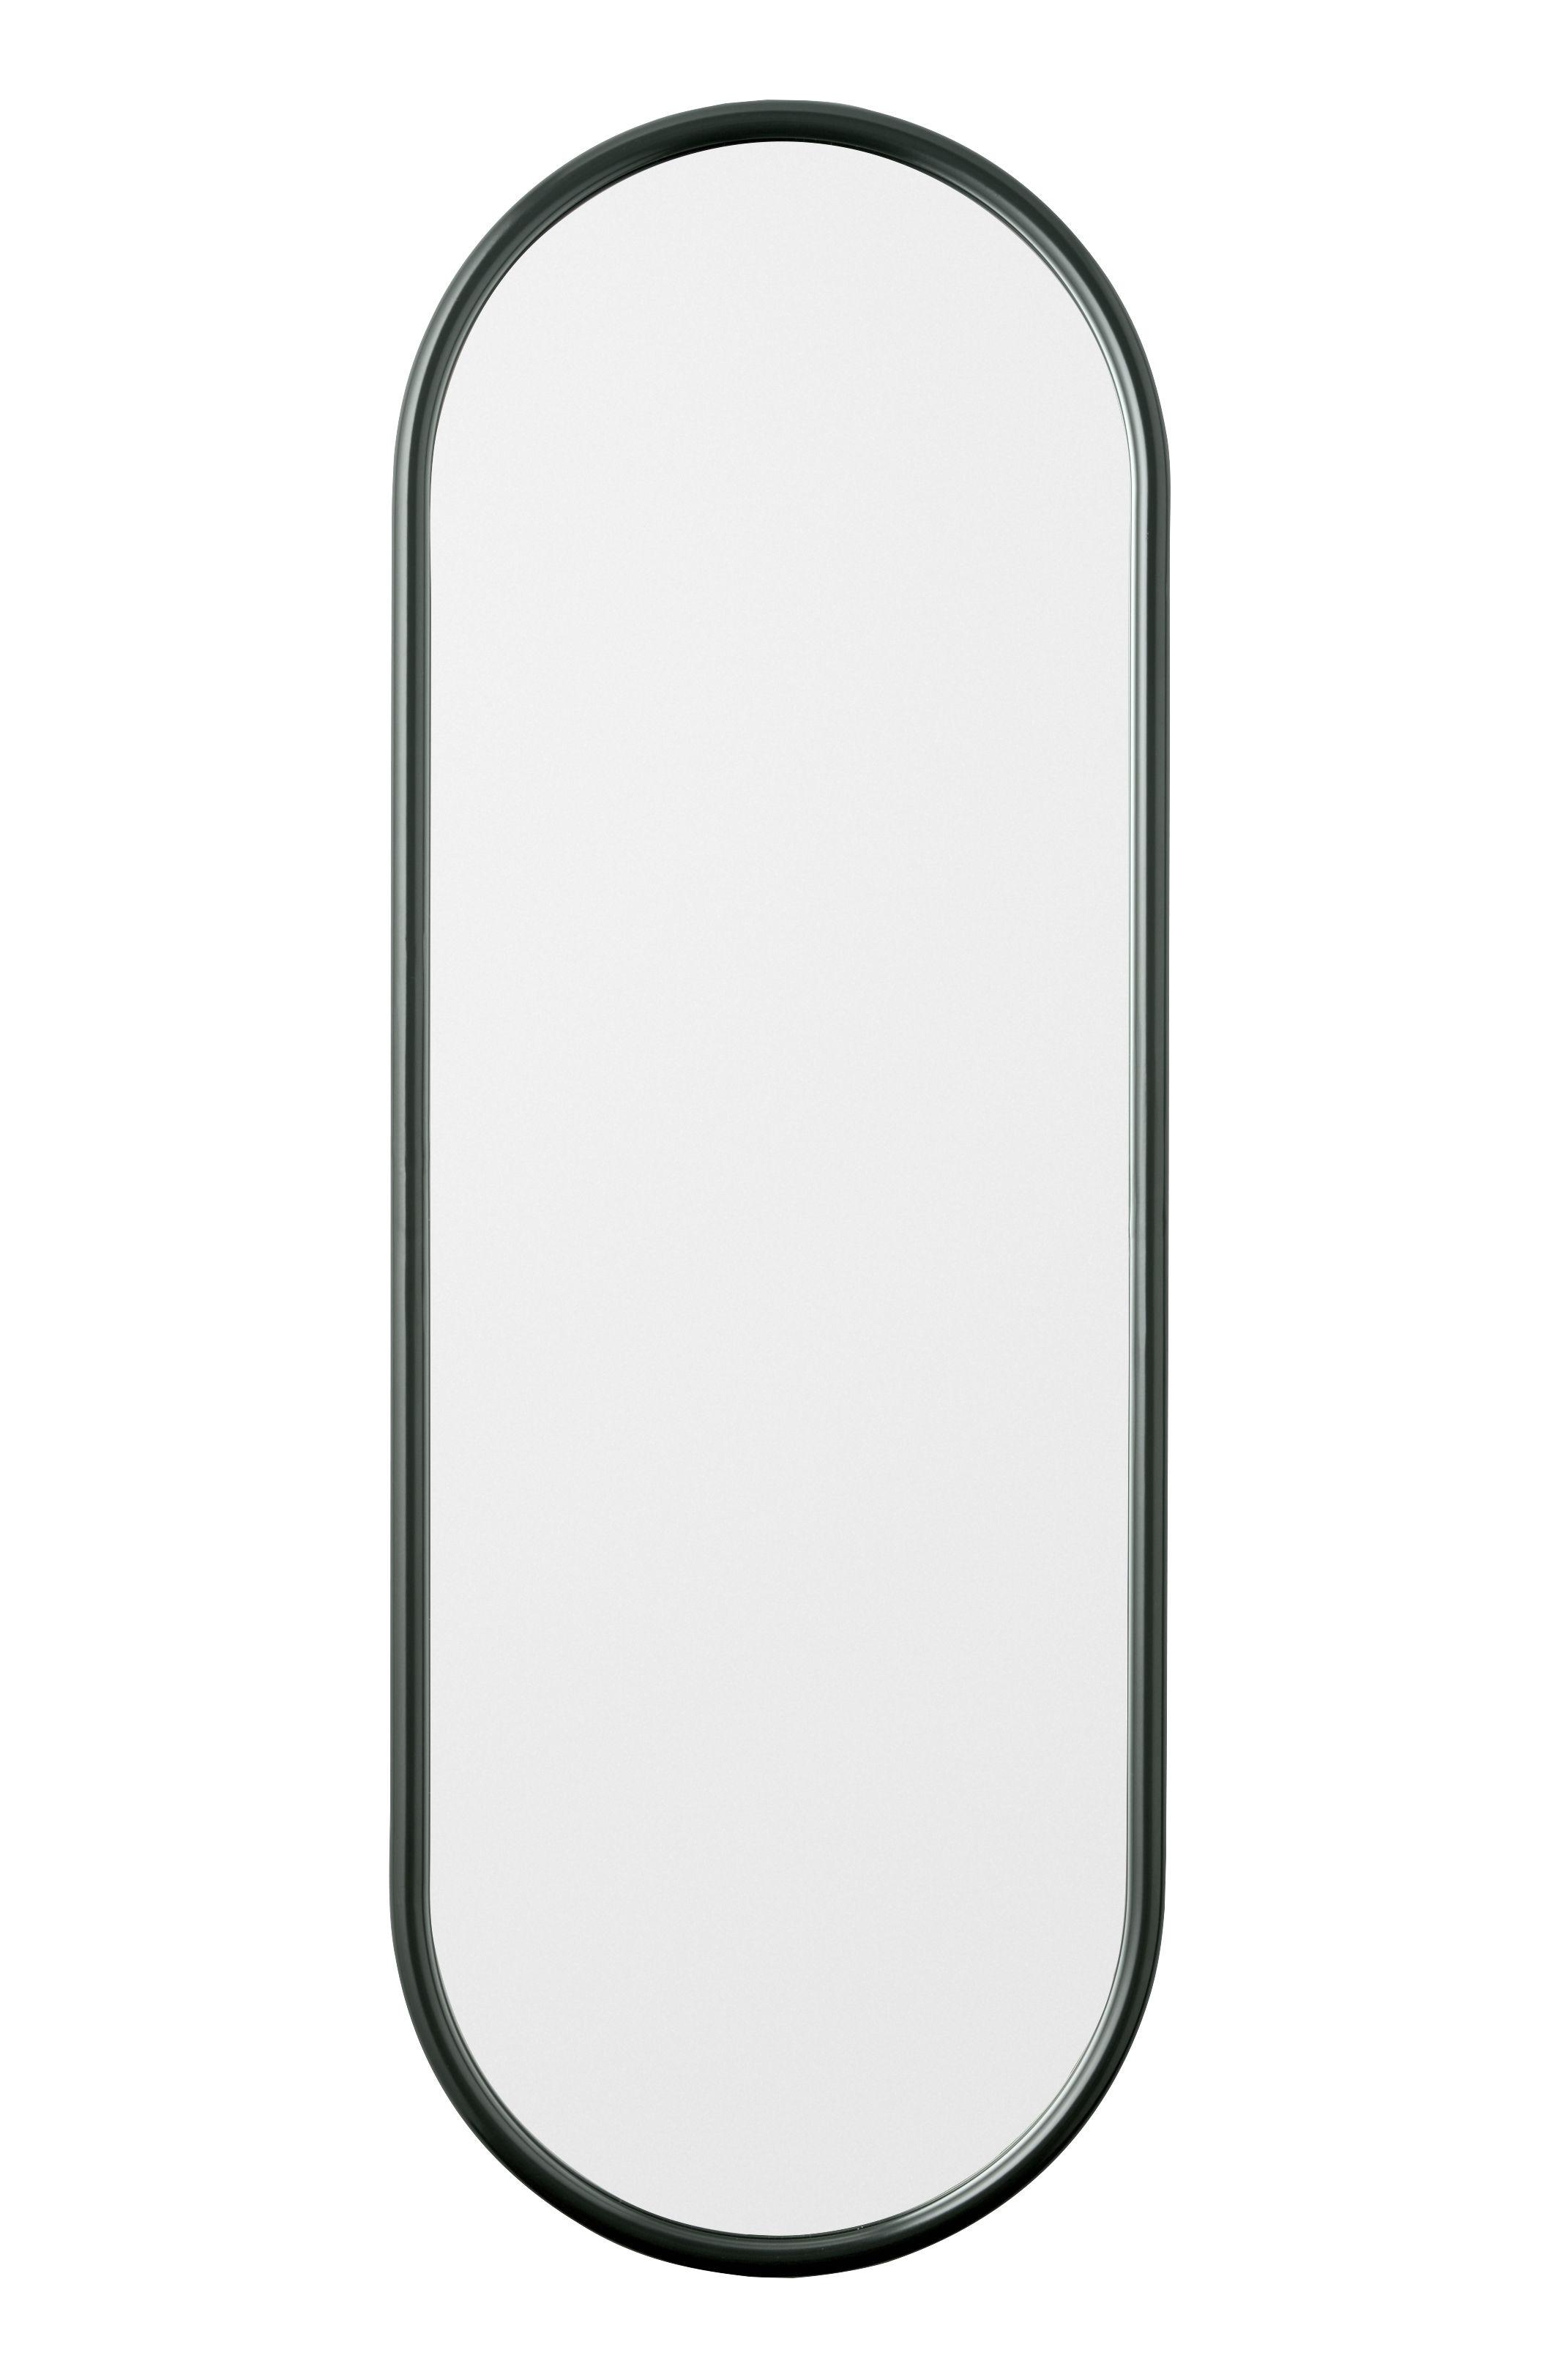 Dekoration - Spiegel - Angui Wandspiegel / L 39 cm x H 108 cm - AYTM - Waldesgrün - Glas, lackiertes Eisen